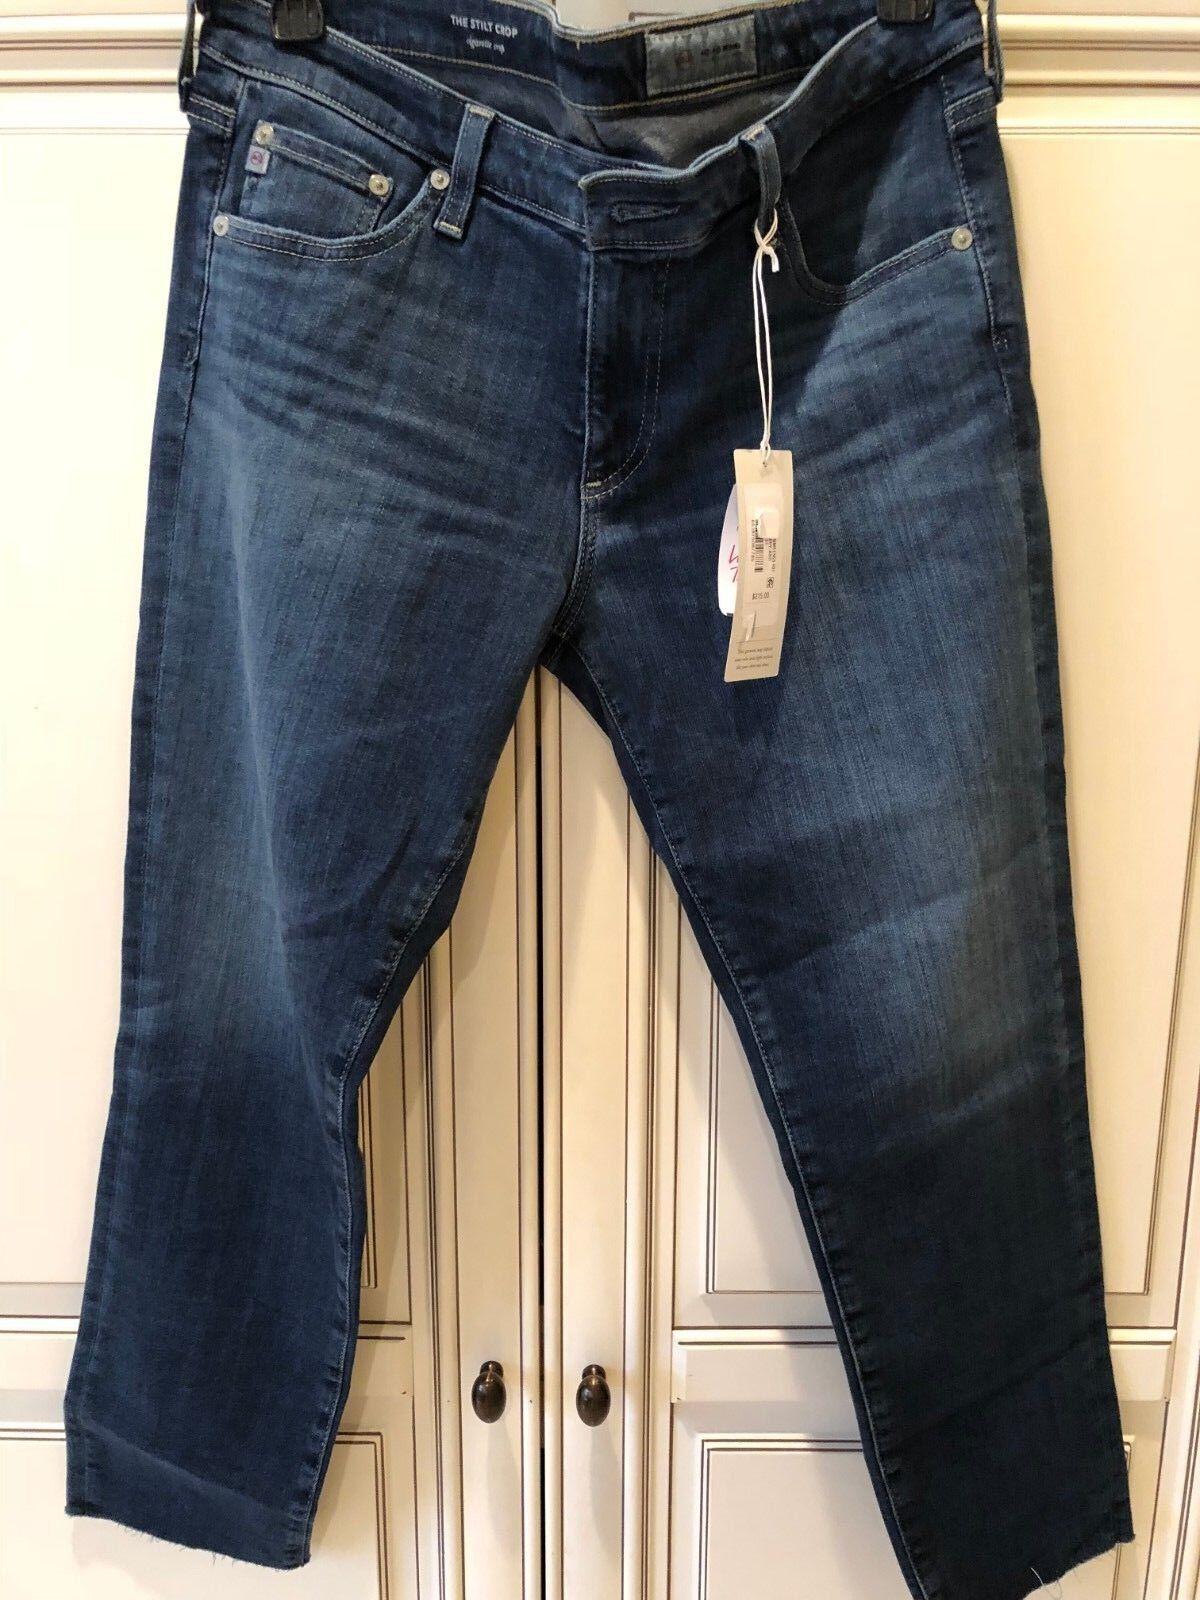 4a5c121679f NWT AG Adriano goldschmied Stilt Crop Cigarette Jeans Sz 31 Medium Dark Wash